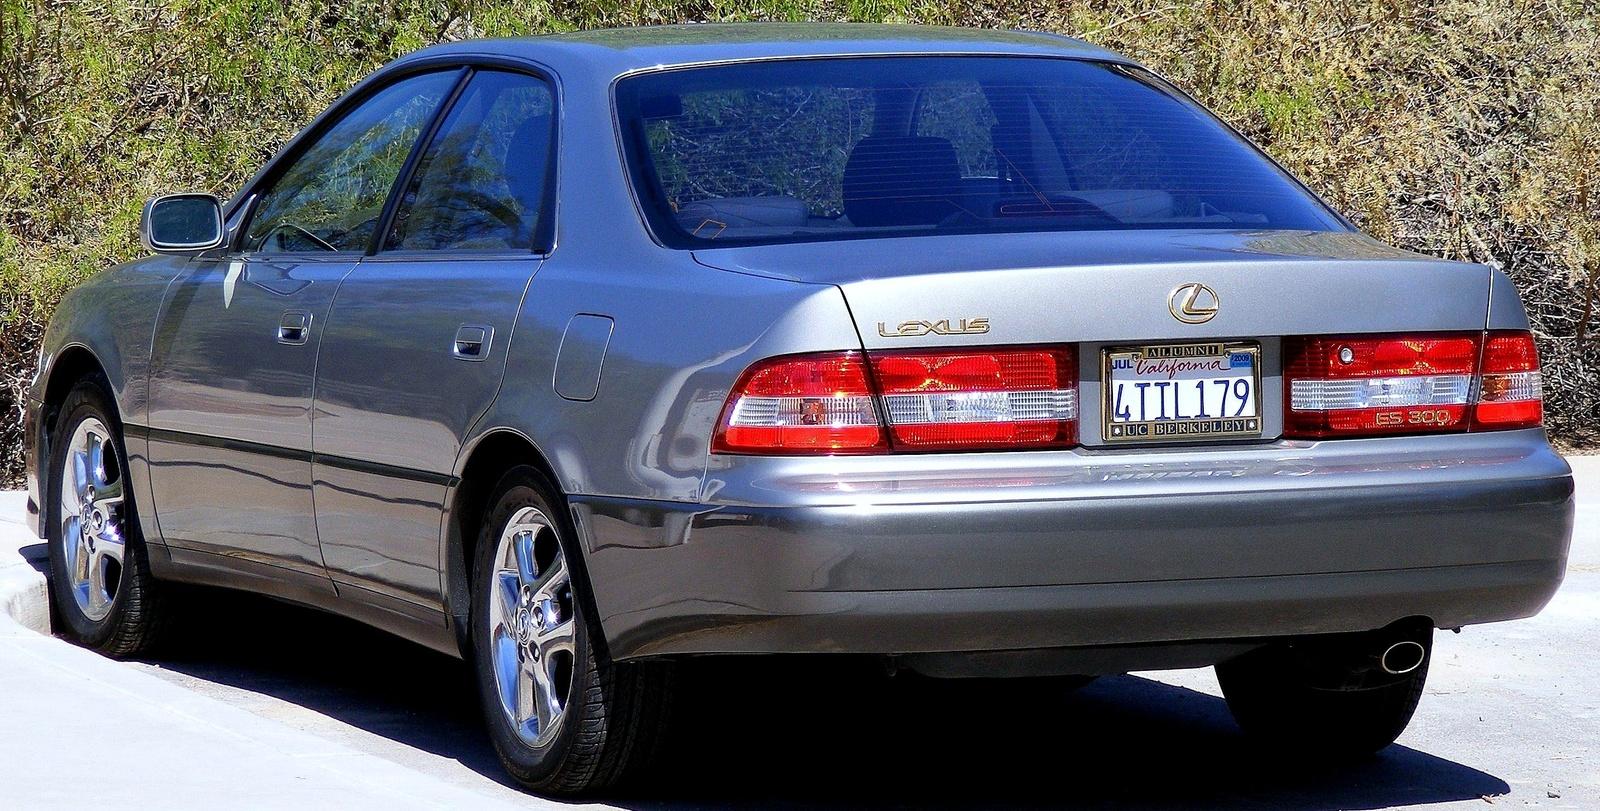 2001 Lexus ES 300 #18 Lexus ES